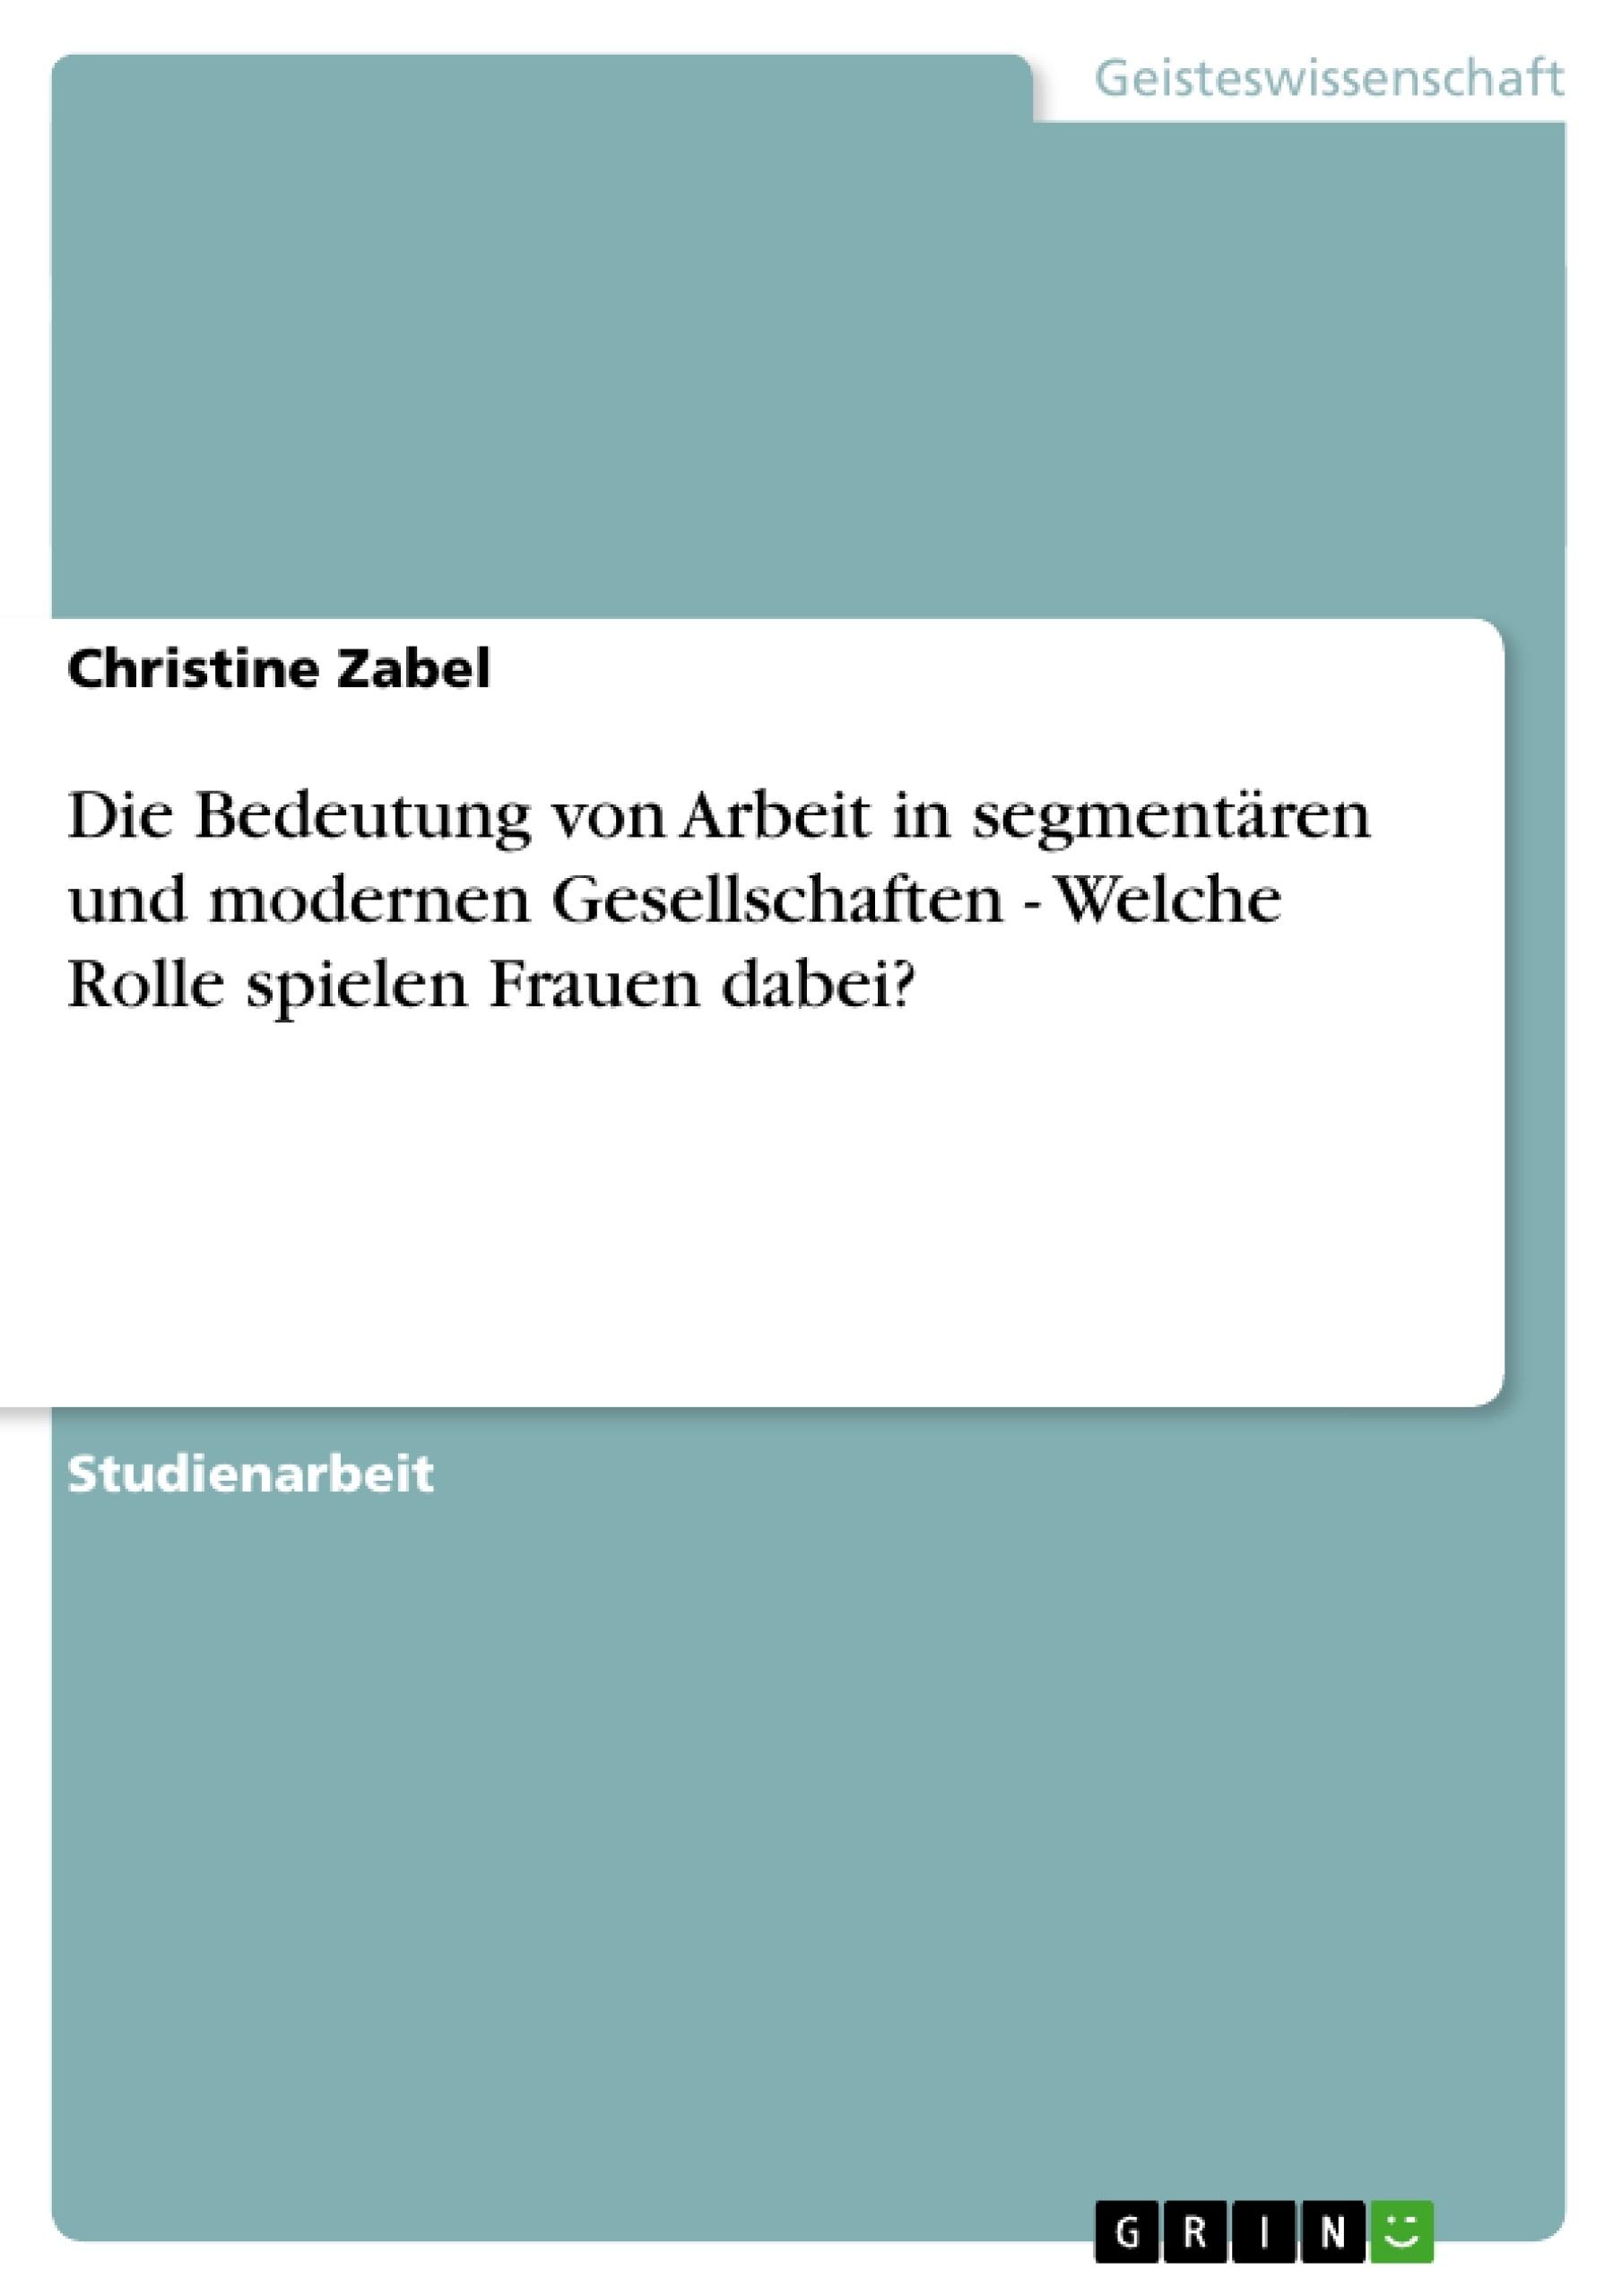 Titel: Die Bedeutung von Arbeit in segmentären und modernen Gesellschaften - Welche Rolle spielen Frauen dabei?